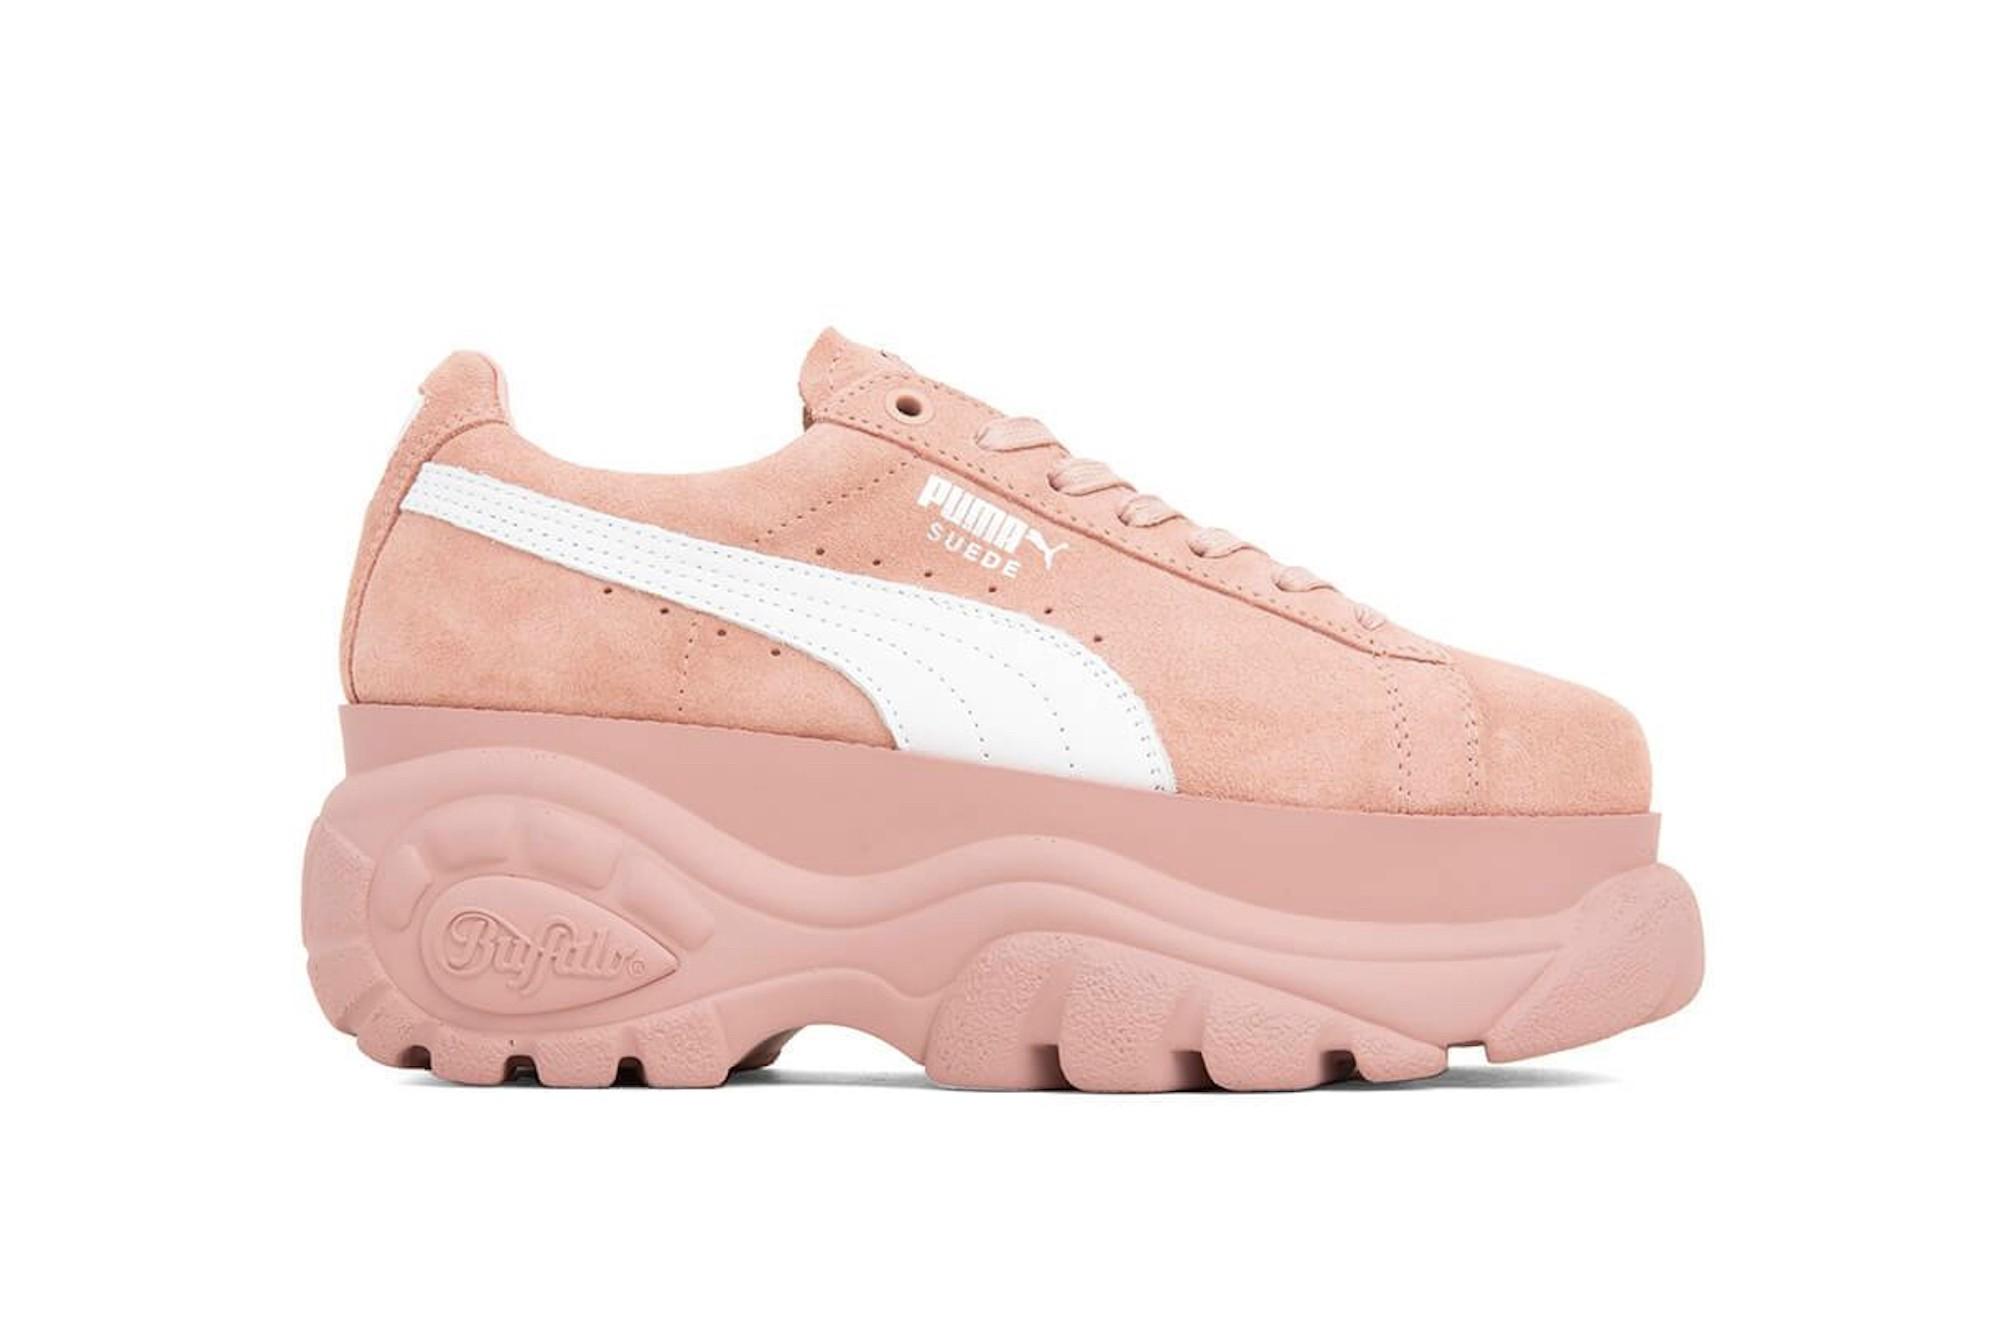 puma suede buffalo release new pink beige sneaker